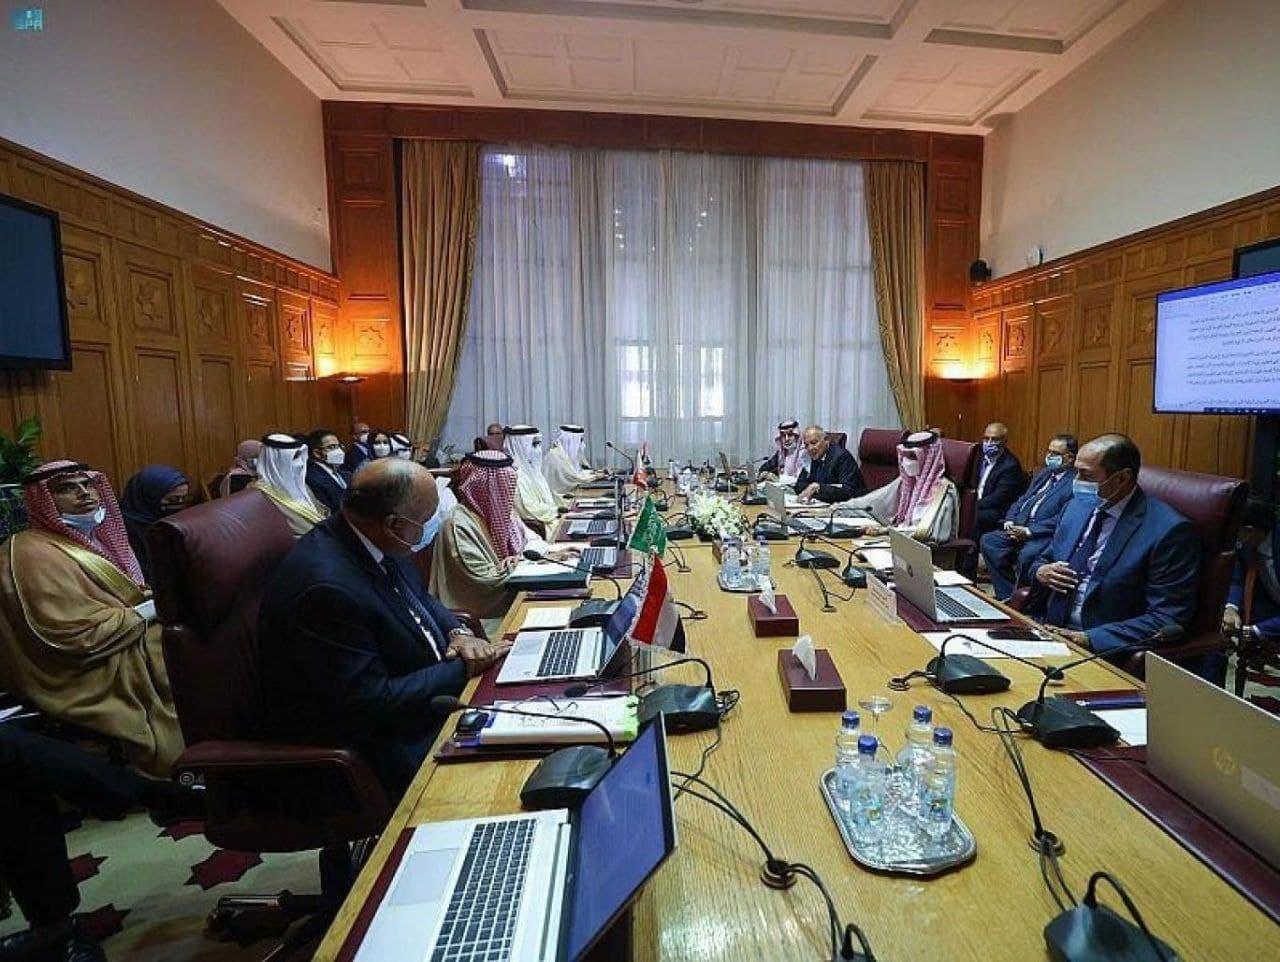 چهار کشور عرب خواستار بازرسی فوری از تاسیسات هستهای ایران شدند